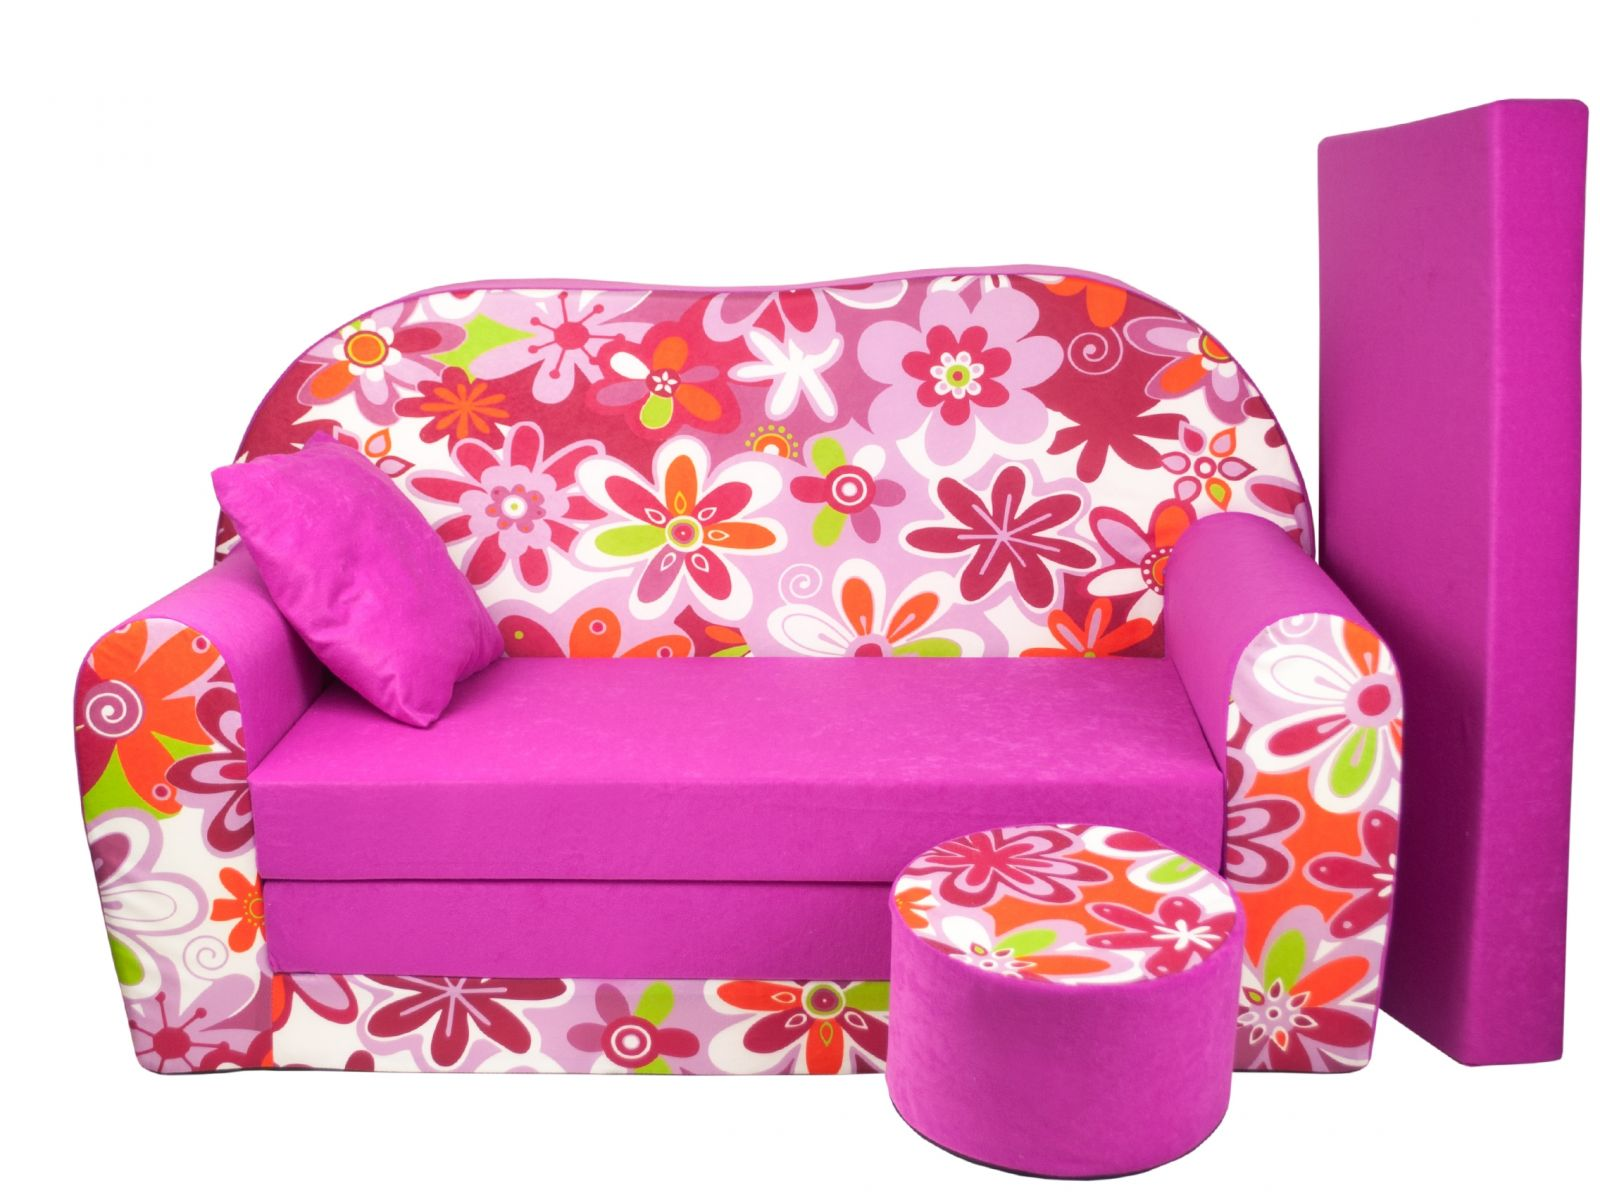 Fimex Dětská rozkládací pohovka Kytky růžová